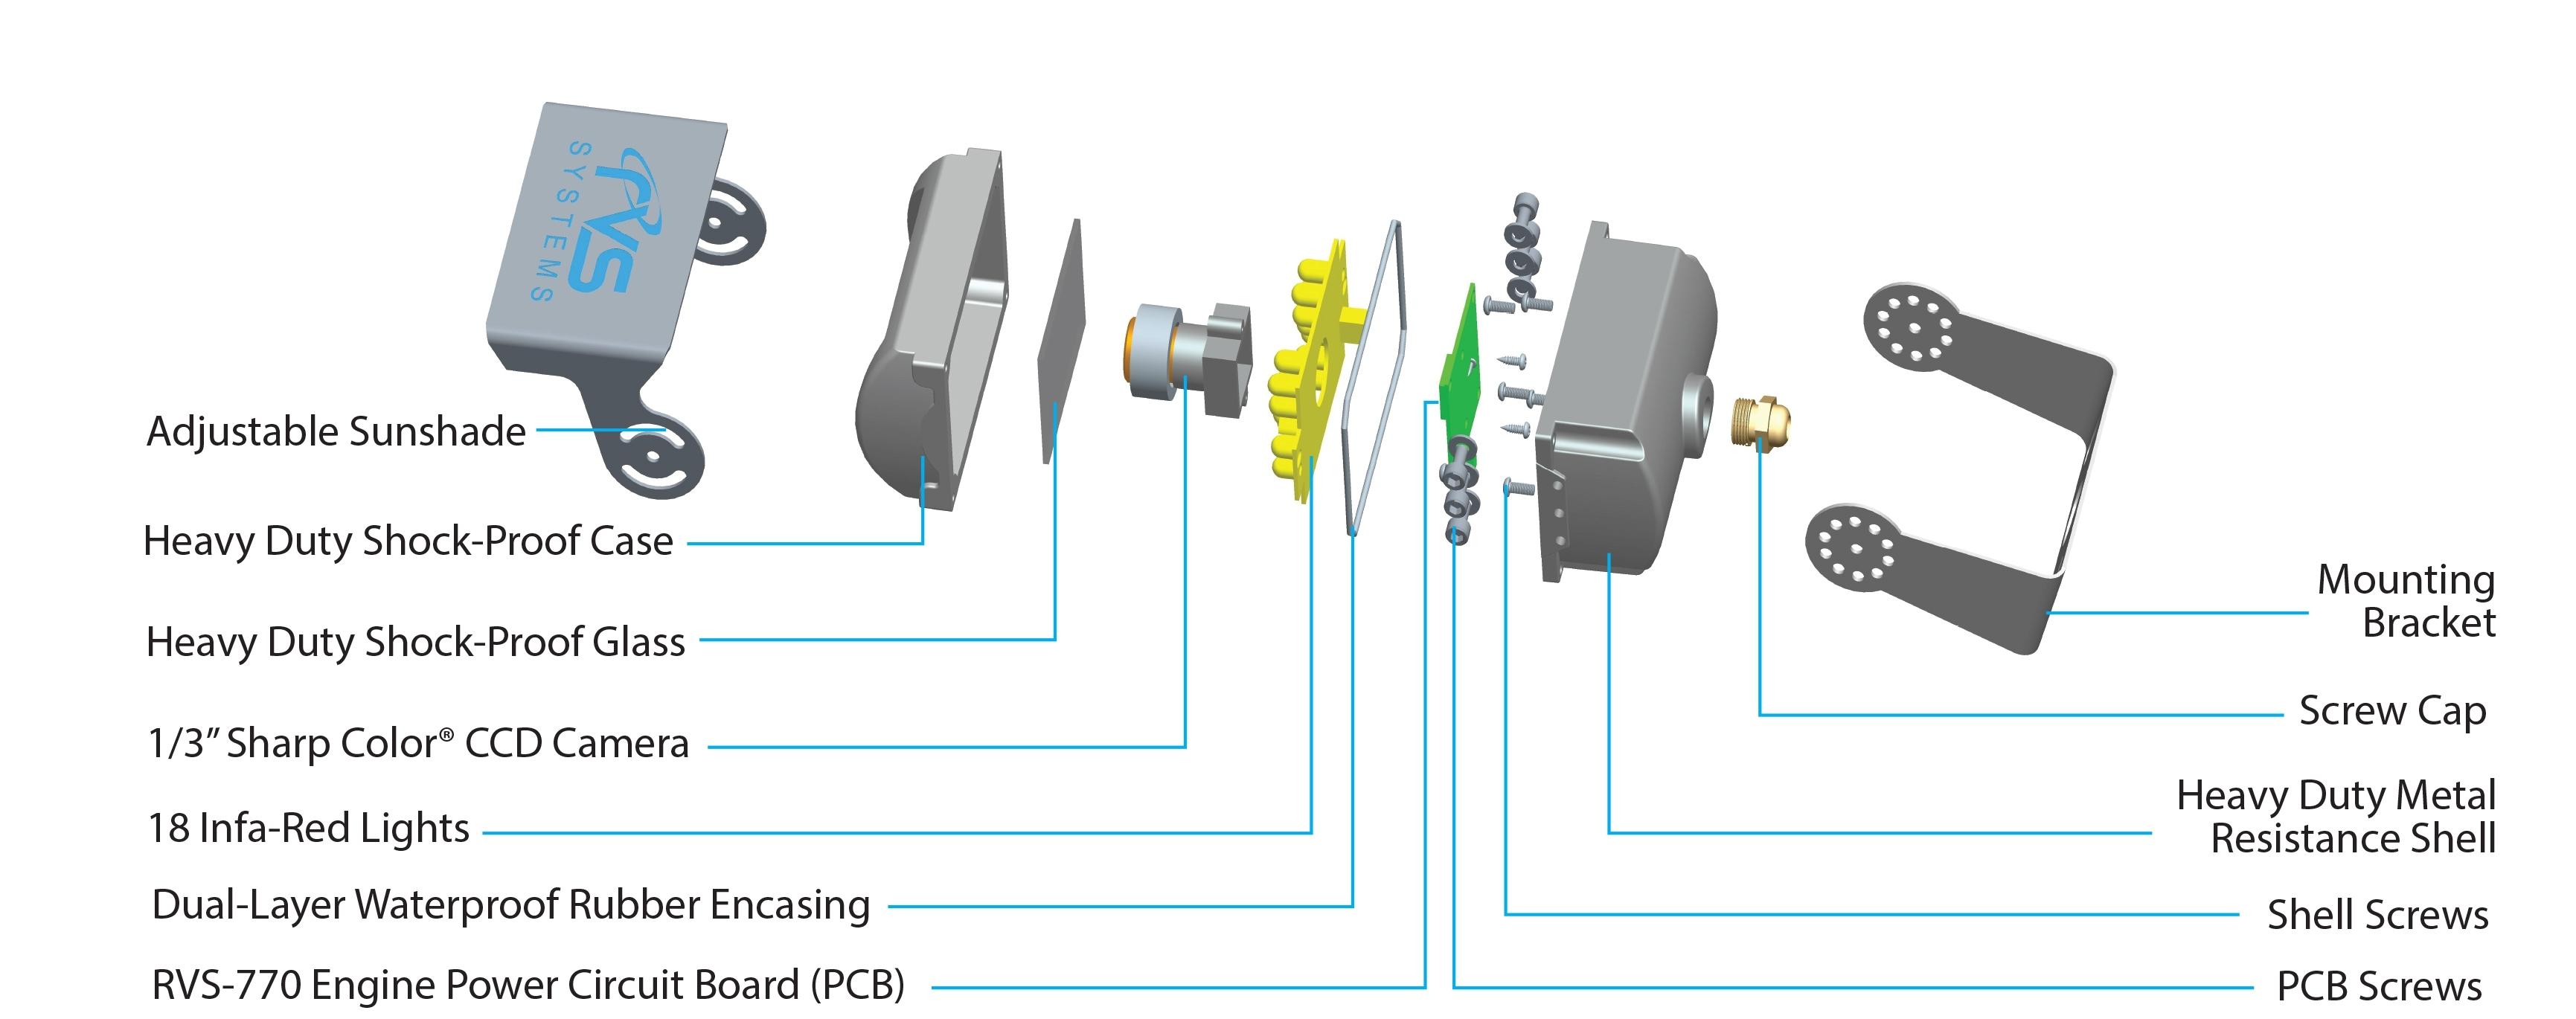 RVS-770 Diagram